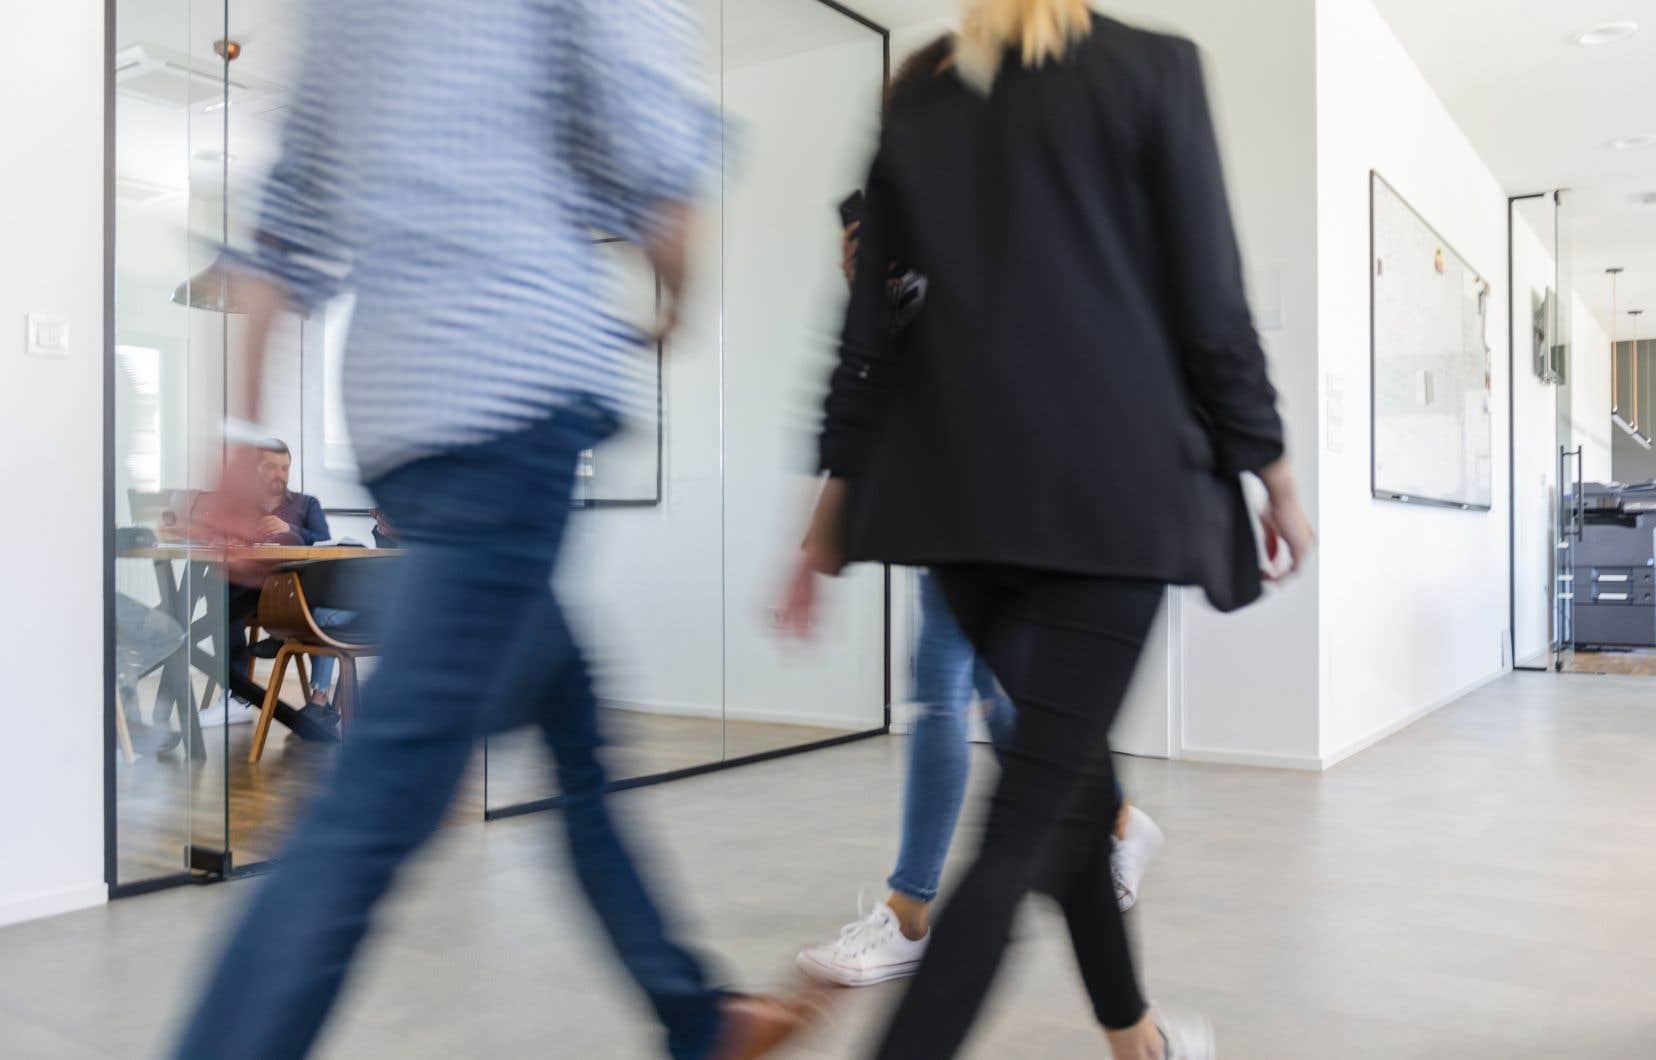 «Une réforme des dispositifs juridiques pour prévenir et réprimer le harcèlement s'impose, notamment par des modifications à la Loi sur les normes du travail et au Code criminel», estiment les auteurs.